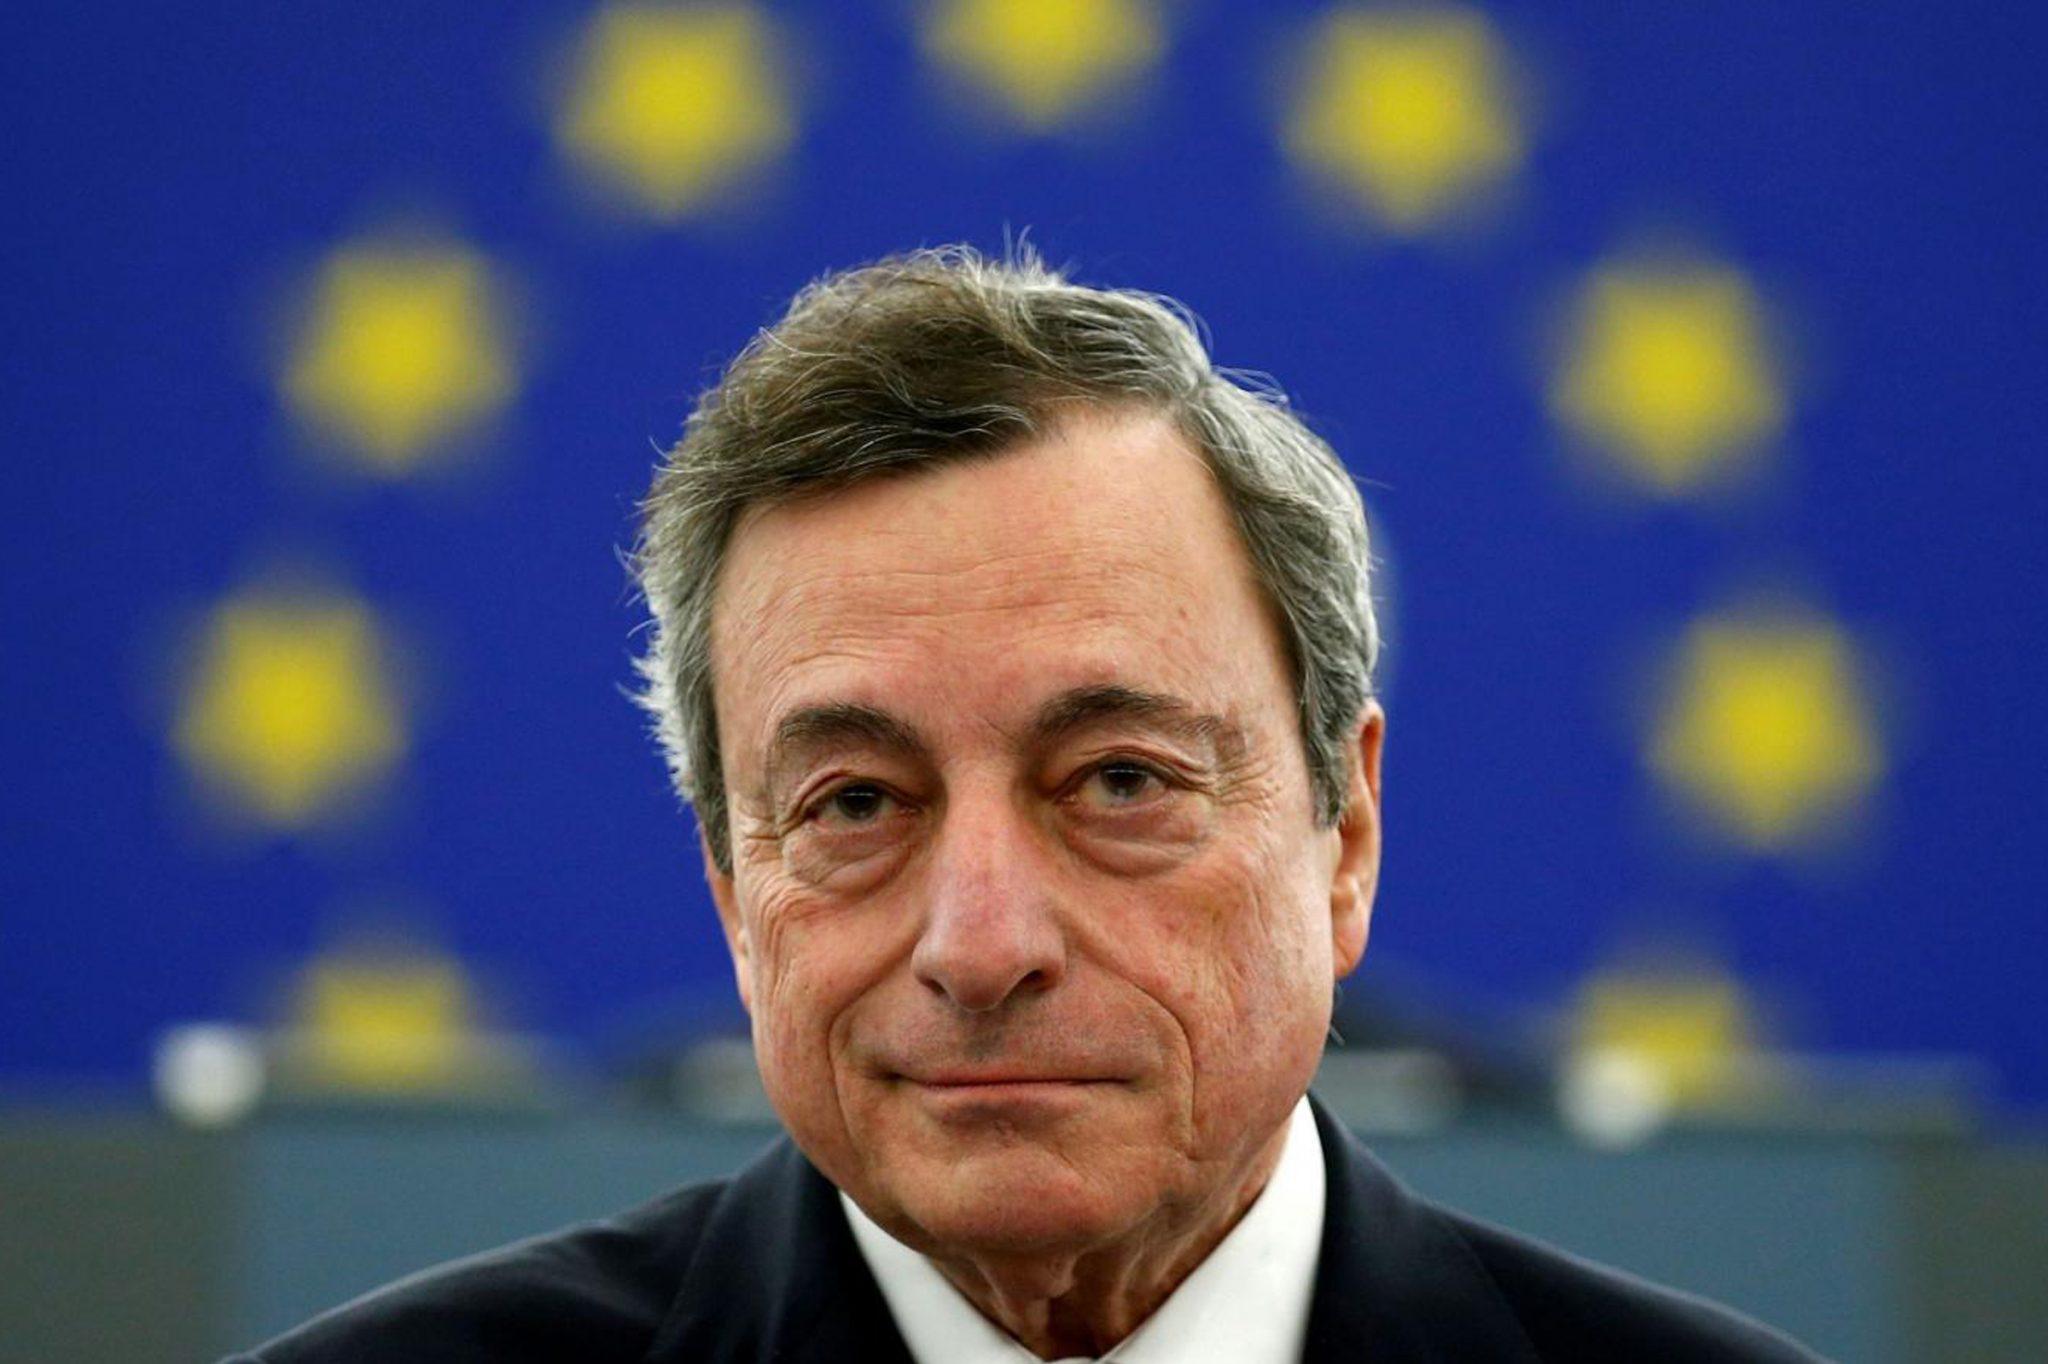 Mario Draghi, danke schön. La Corte tedesca fa i conti in tasca all'UE